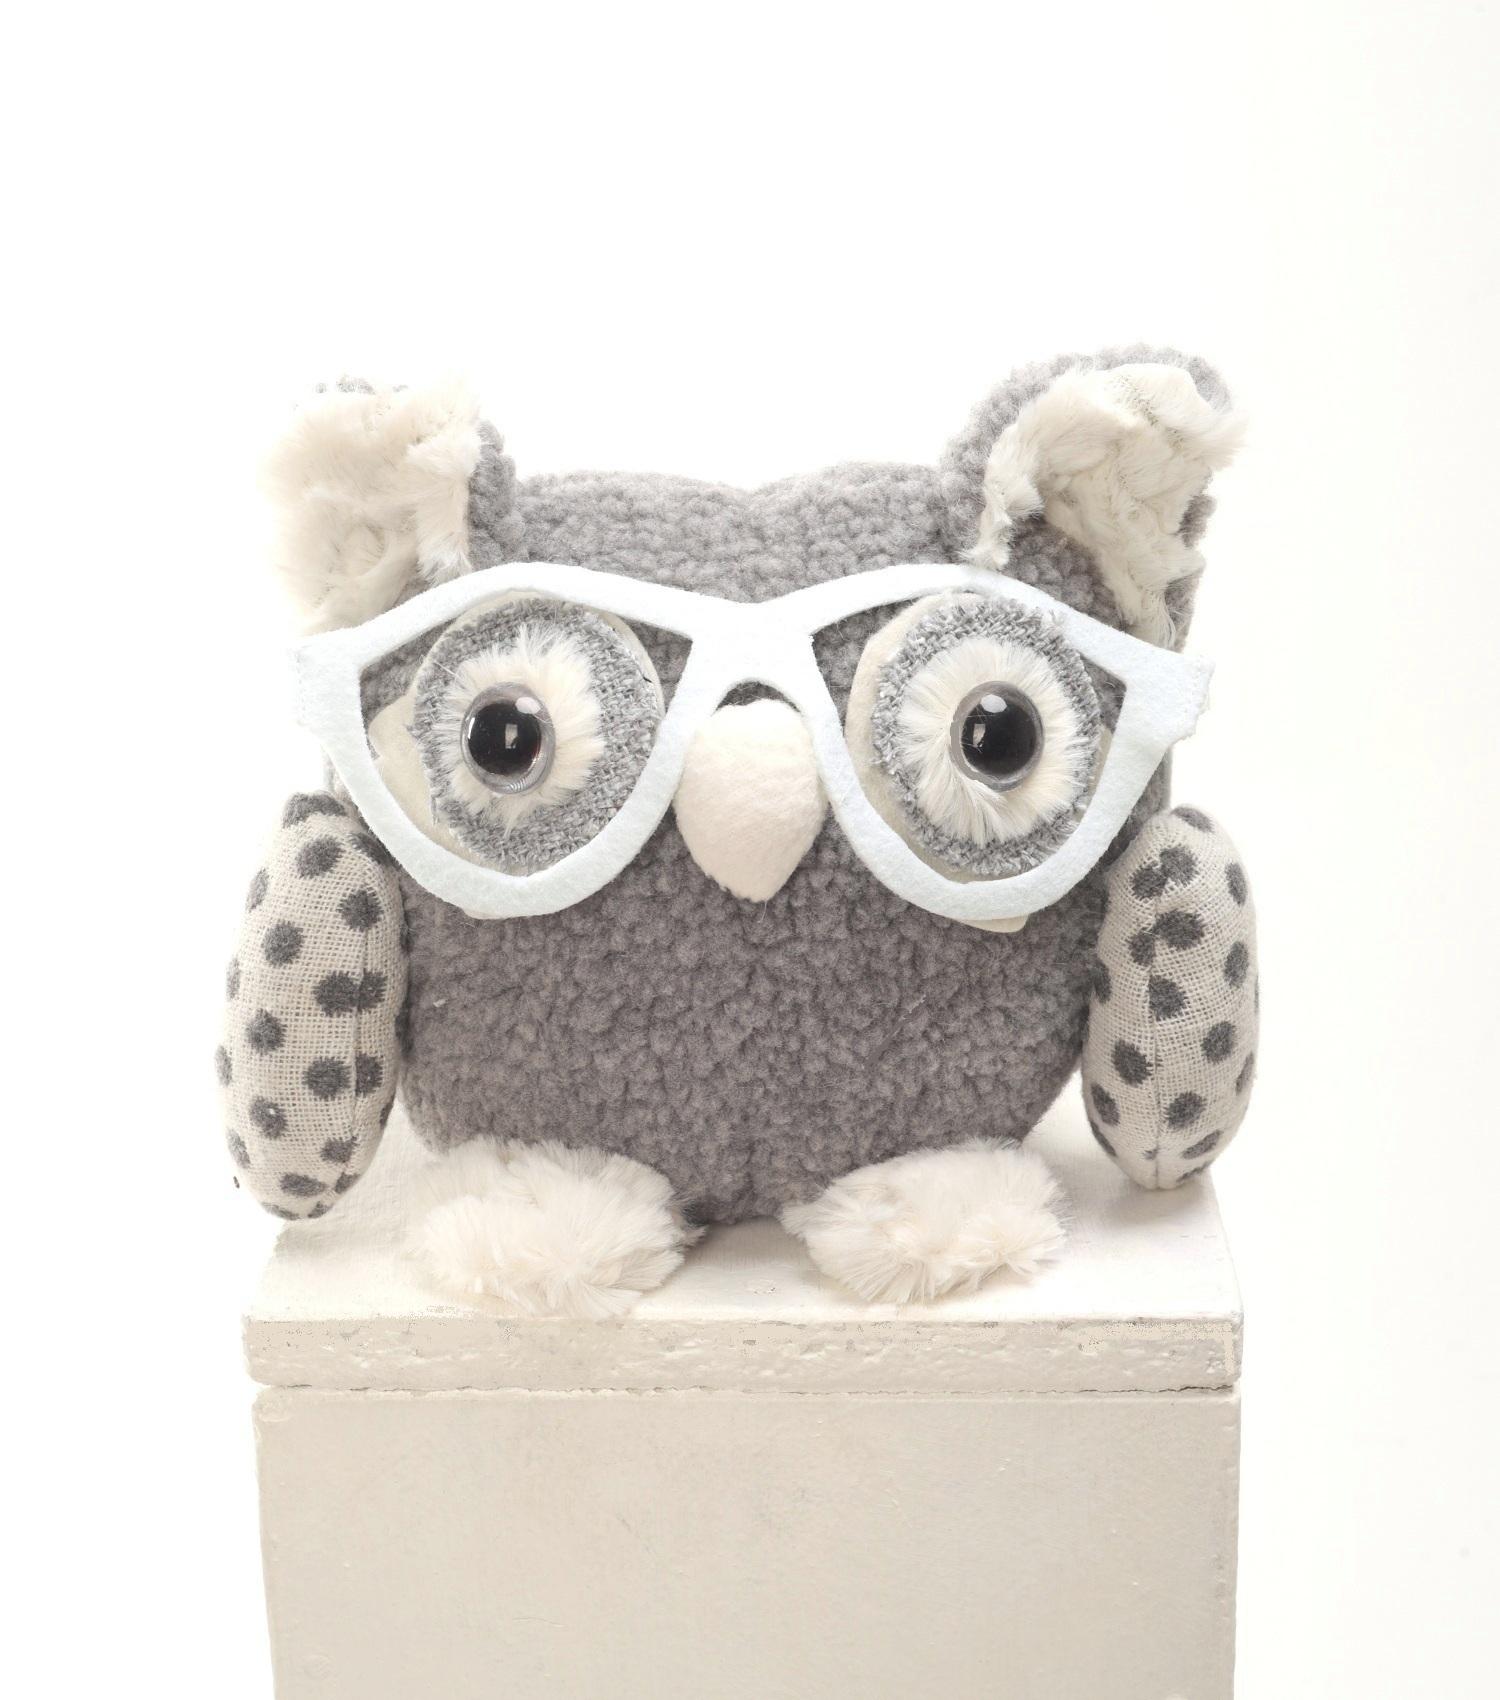 Плюш Ленд Мягкая игрушка Сова Интроверт 20 см 4moms электронное mamaroo 3 0 серый плюш